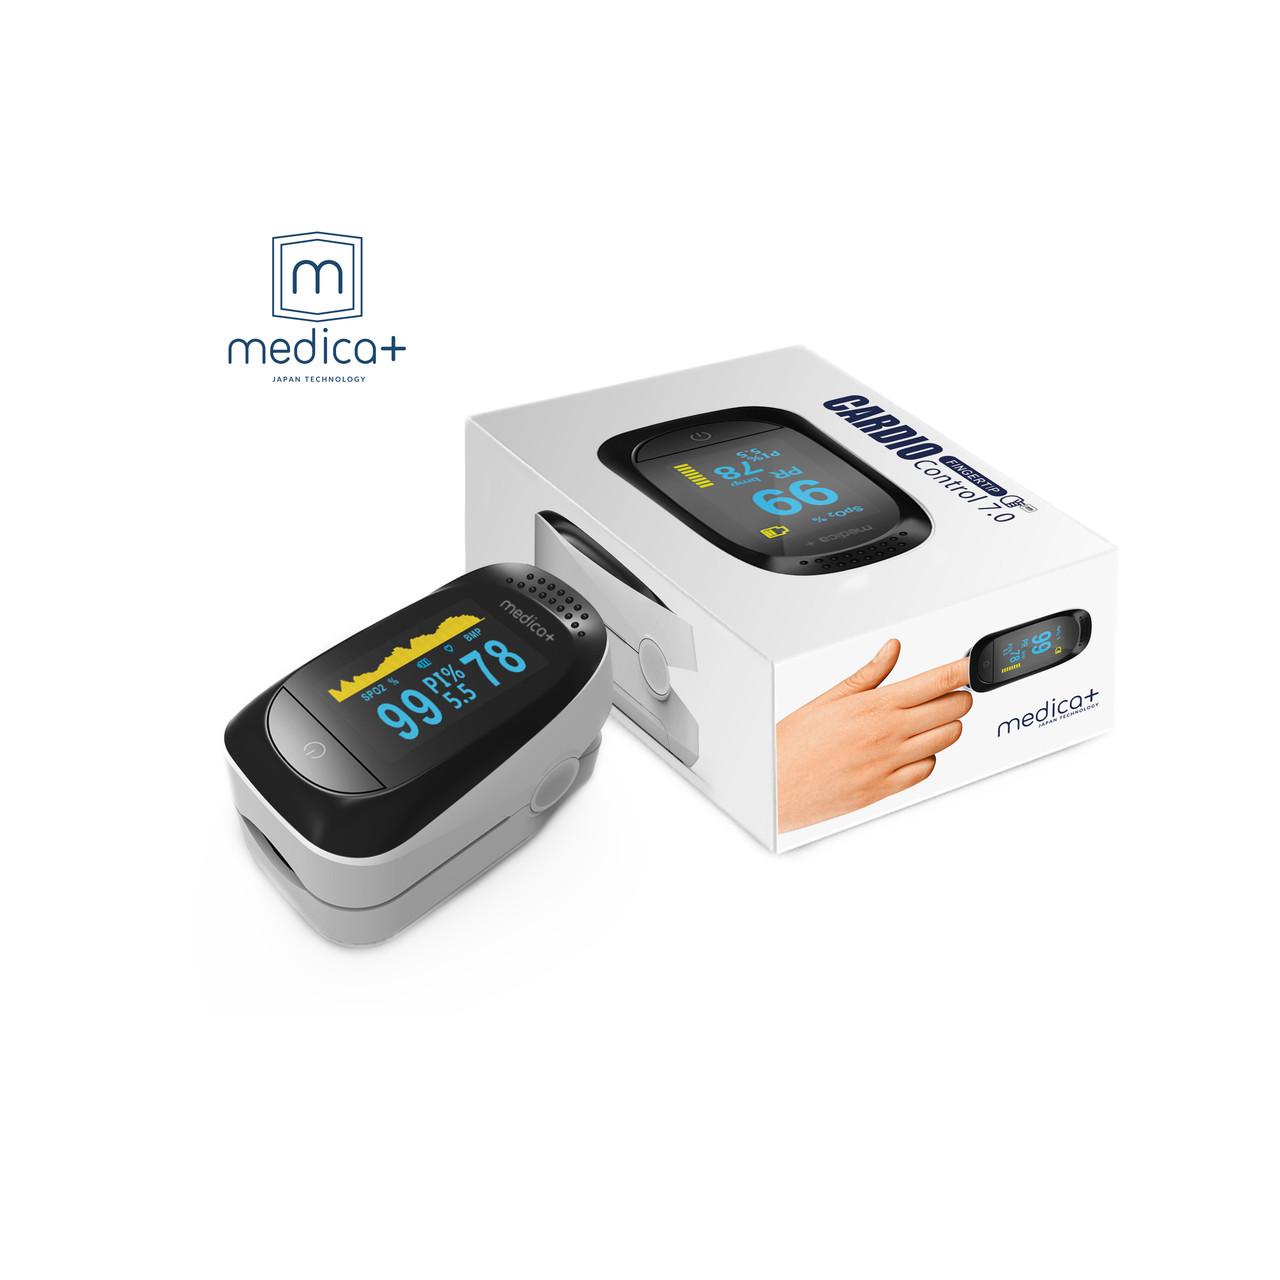 Пульсоксиметр MEDICA+ Cardio control 7.0 WT